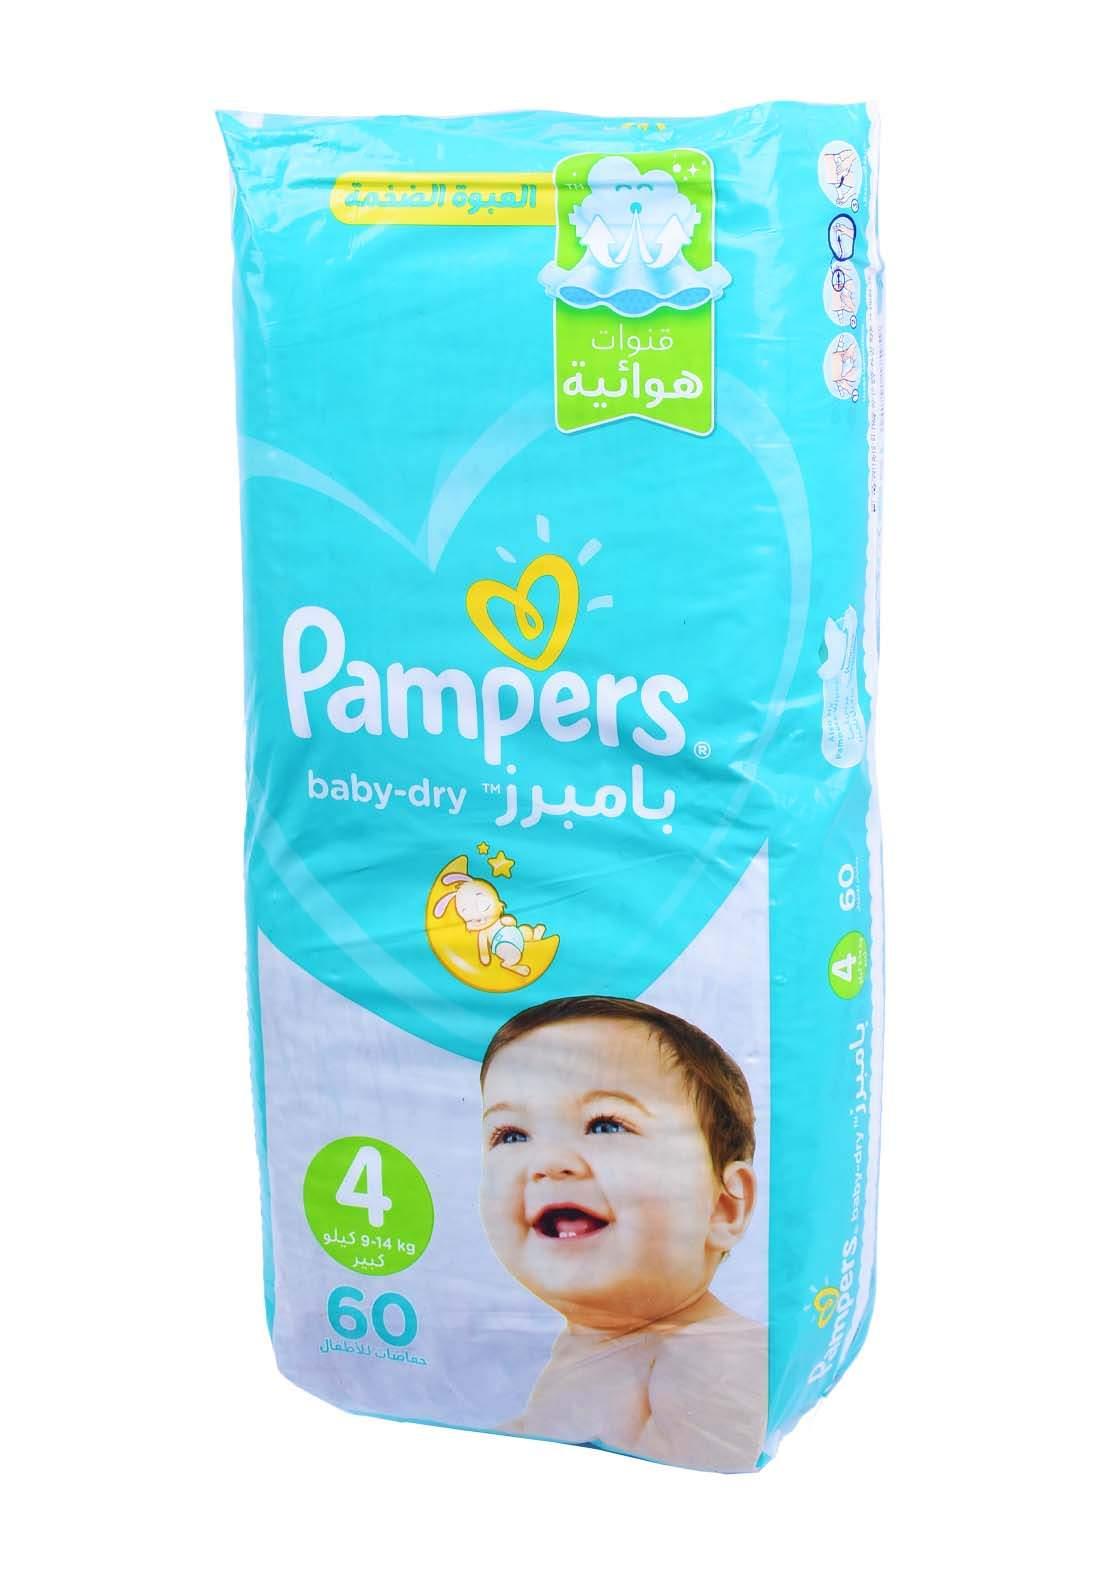 Pampers 9-14 Kg 60 Pcs حفاضات  بامبرز للاطفال عادي رقم 4